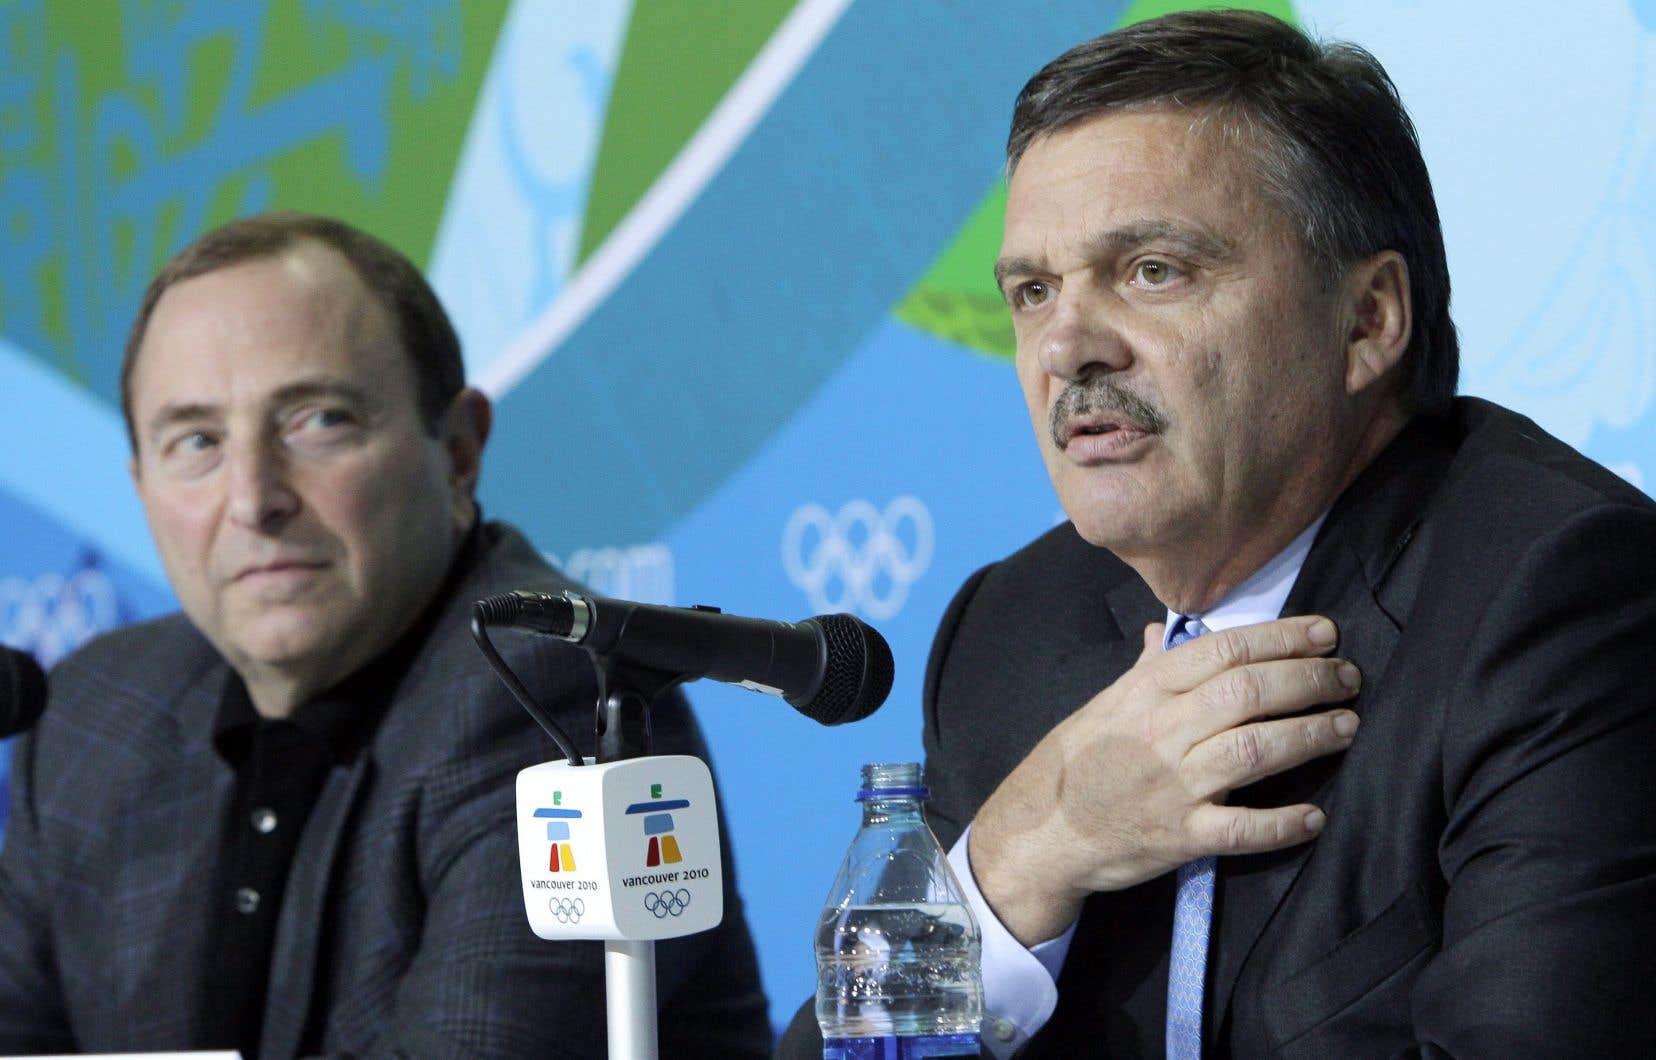 Le président de la Fédération internationale de hockey sur glace, René Fasel